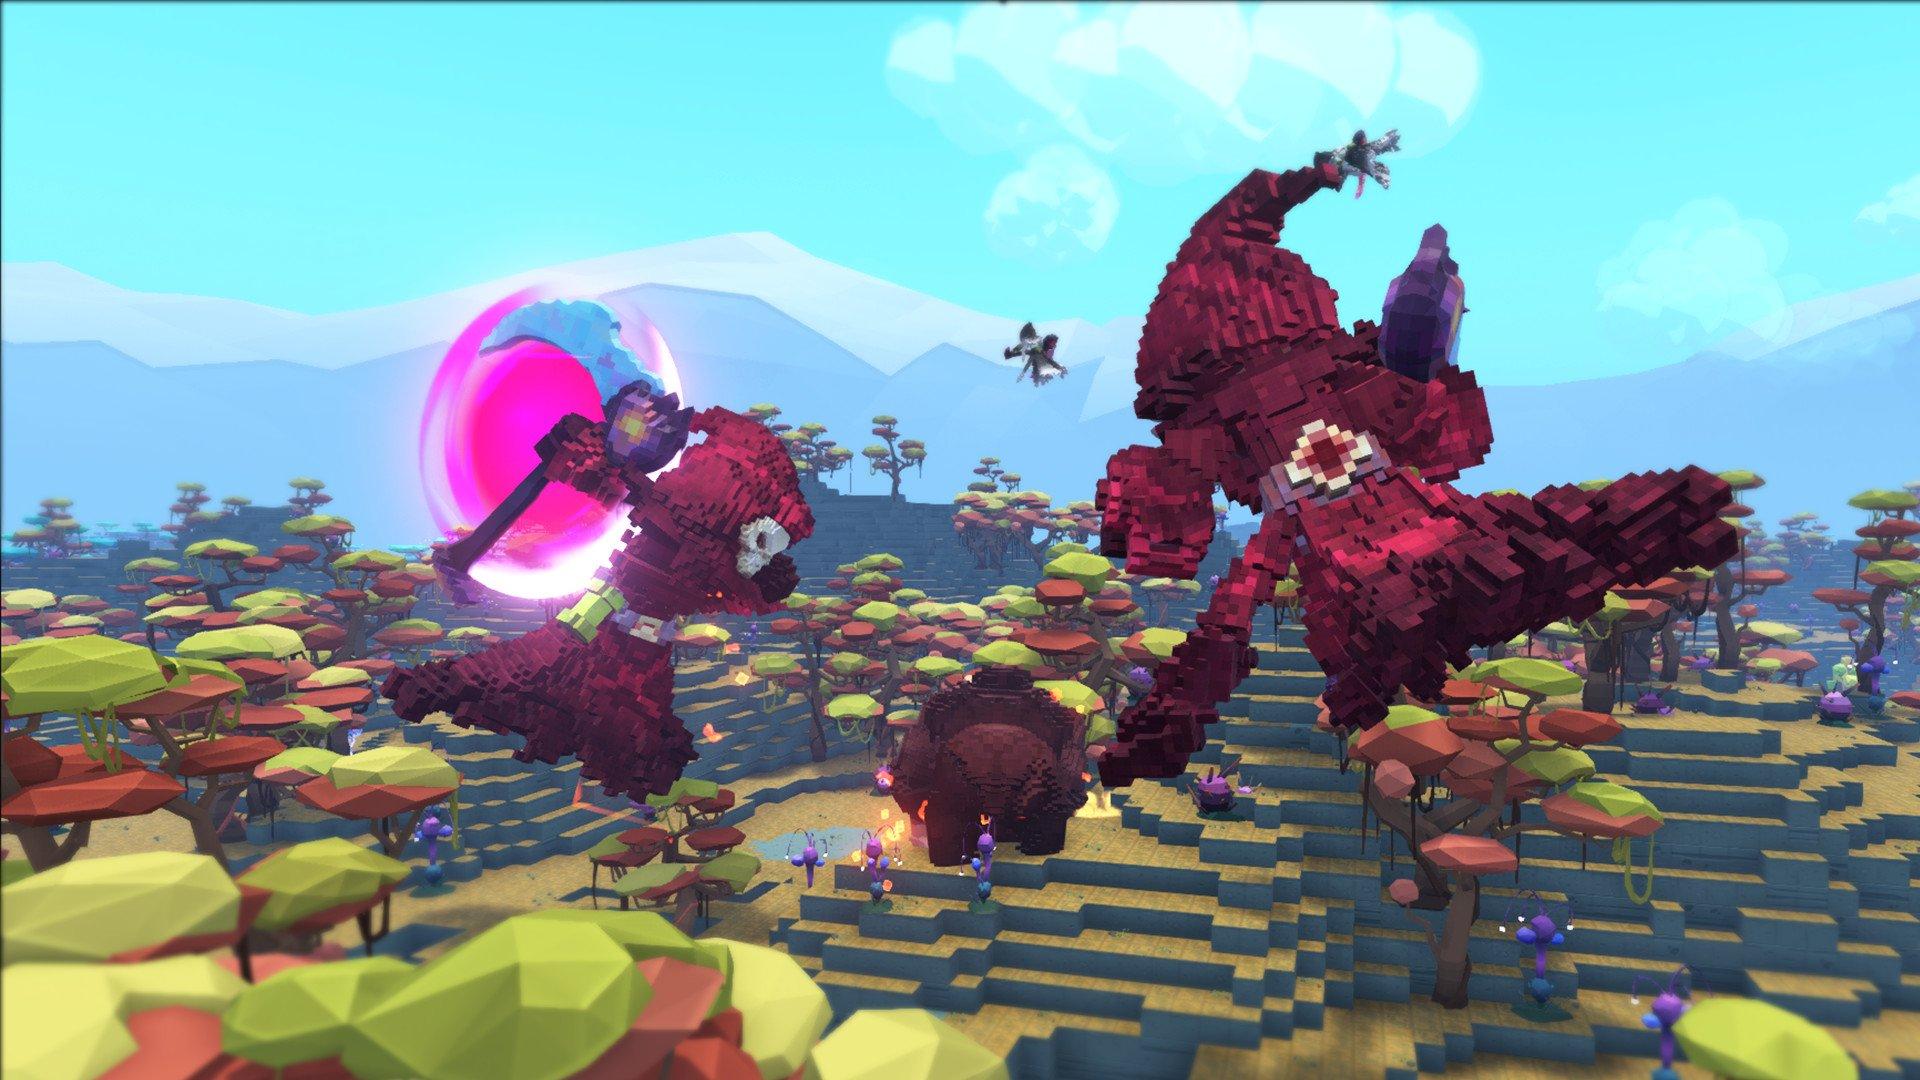 Imágenes de PixARK para PS4 - 3DJuegos